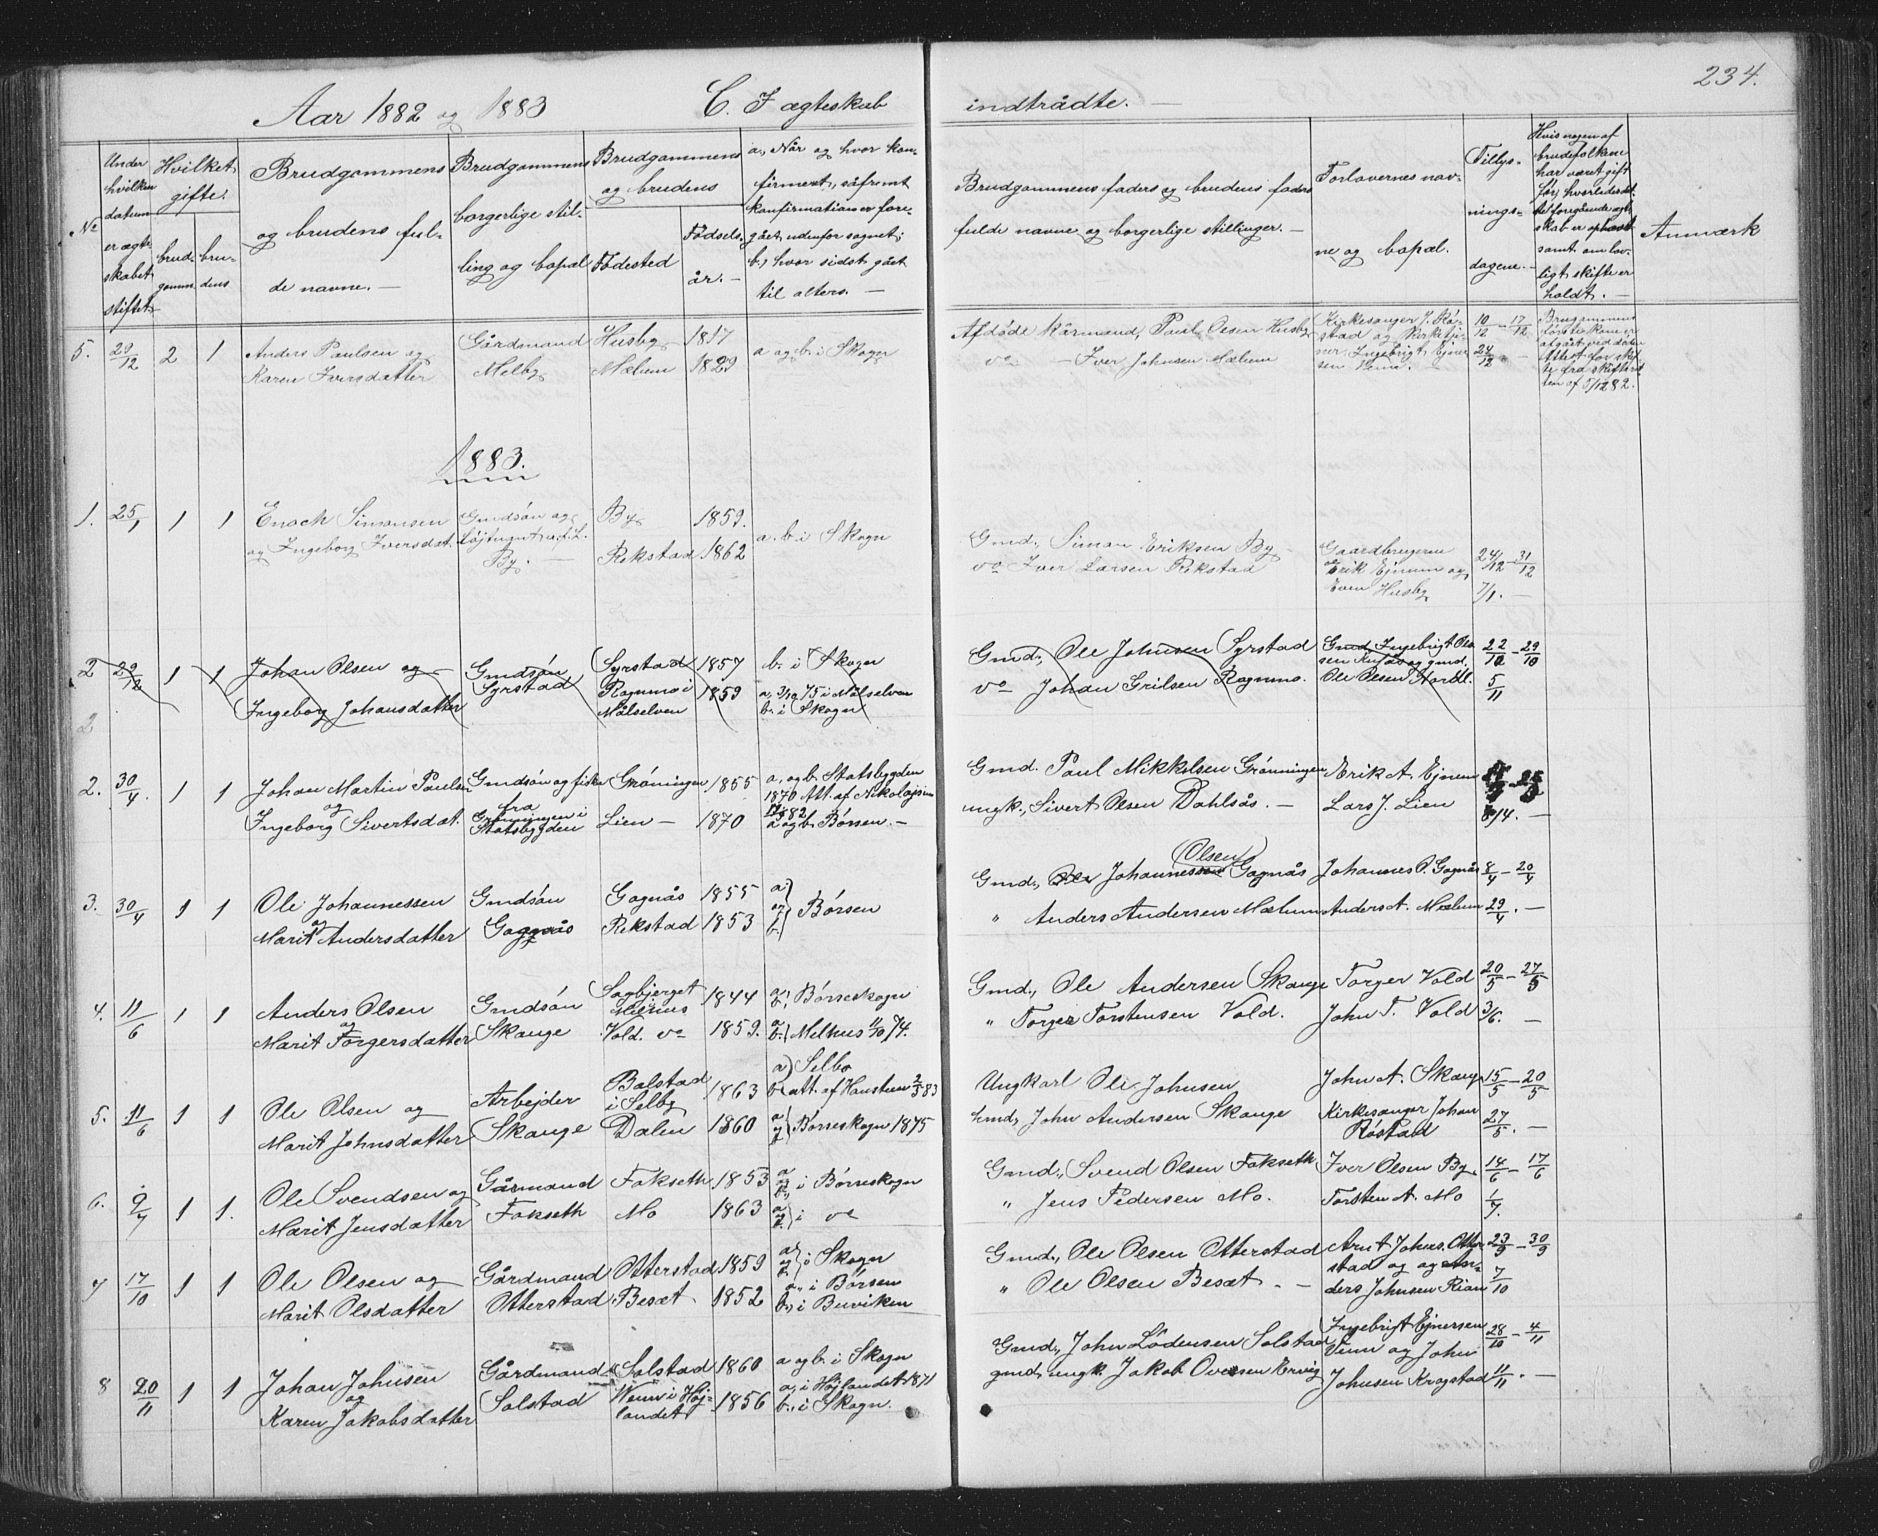 SAT, Ministerialprotokoller, klokkerbøker og fødselsregistre - Sør-Trøndelag, 667/L0798: Klokkerbok nr. 667C03, 1867-1929, s. 234